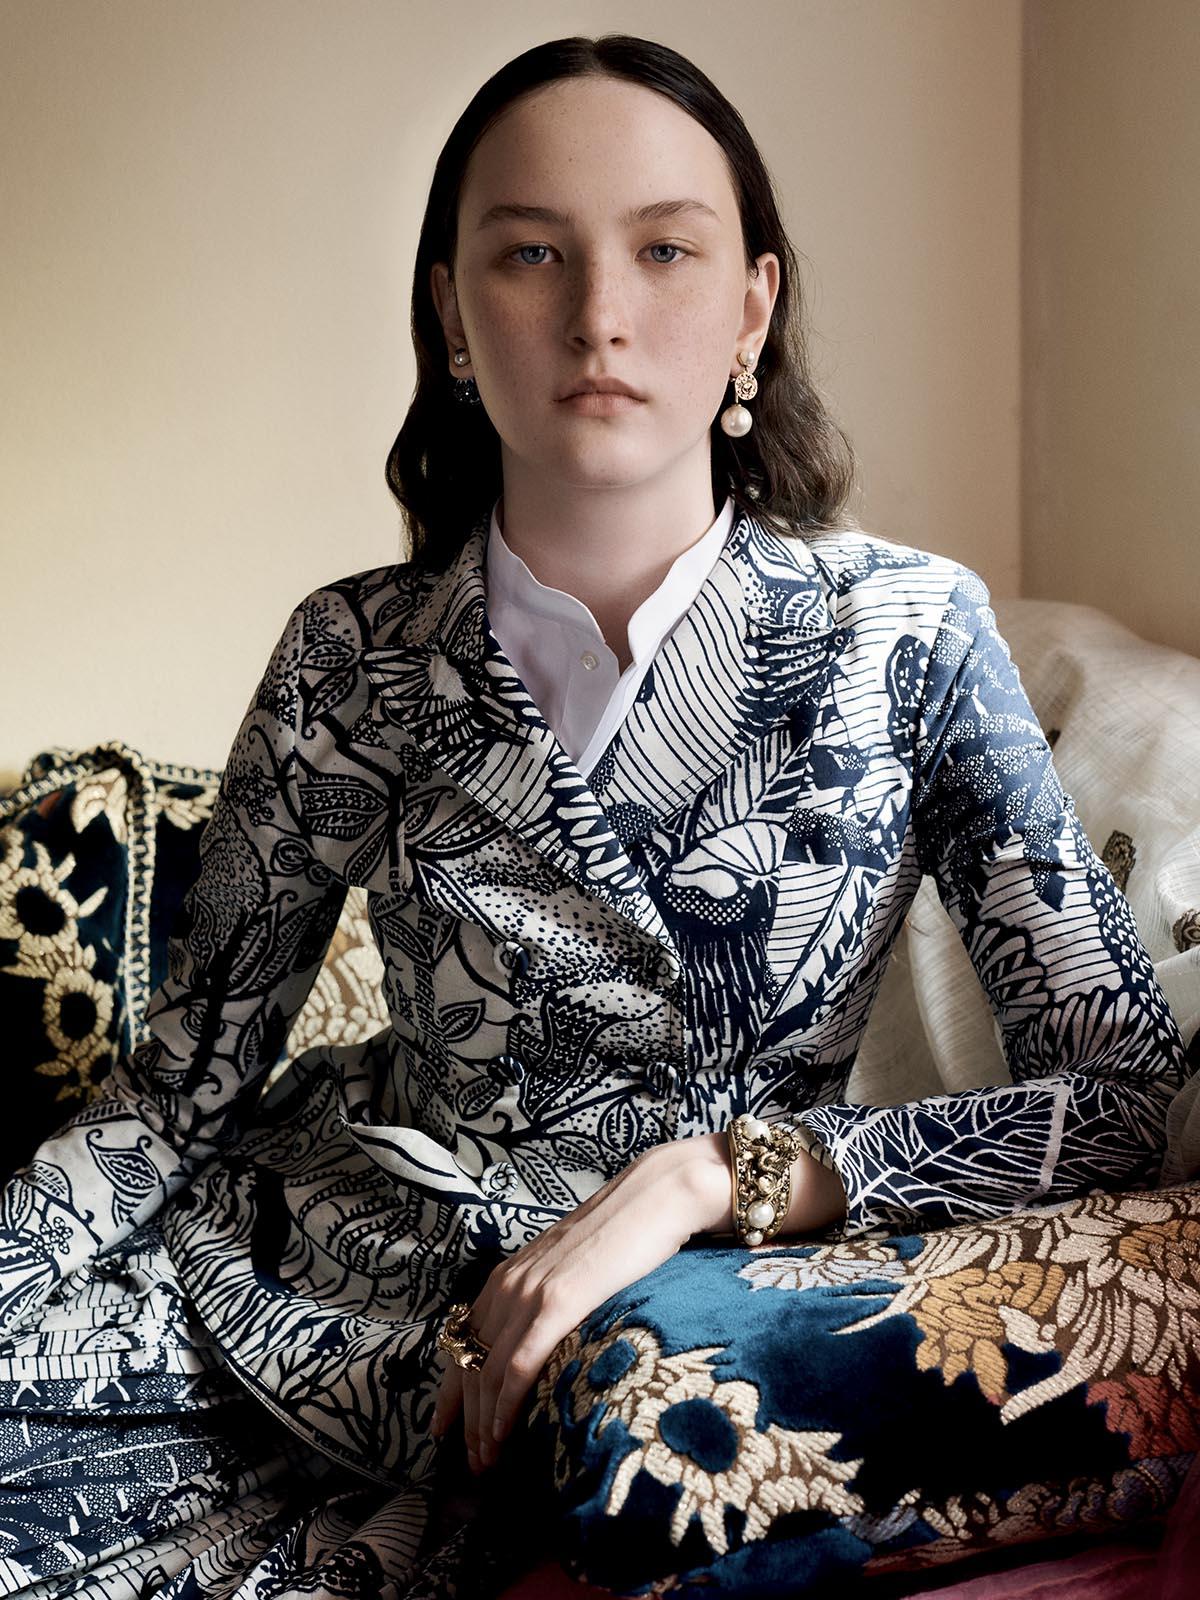 """""""Her Dior: Maria Grazia Chiuri's New Voice"""" celebrates fashion's female gaze"""